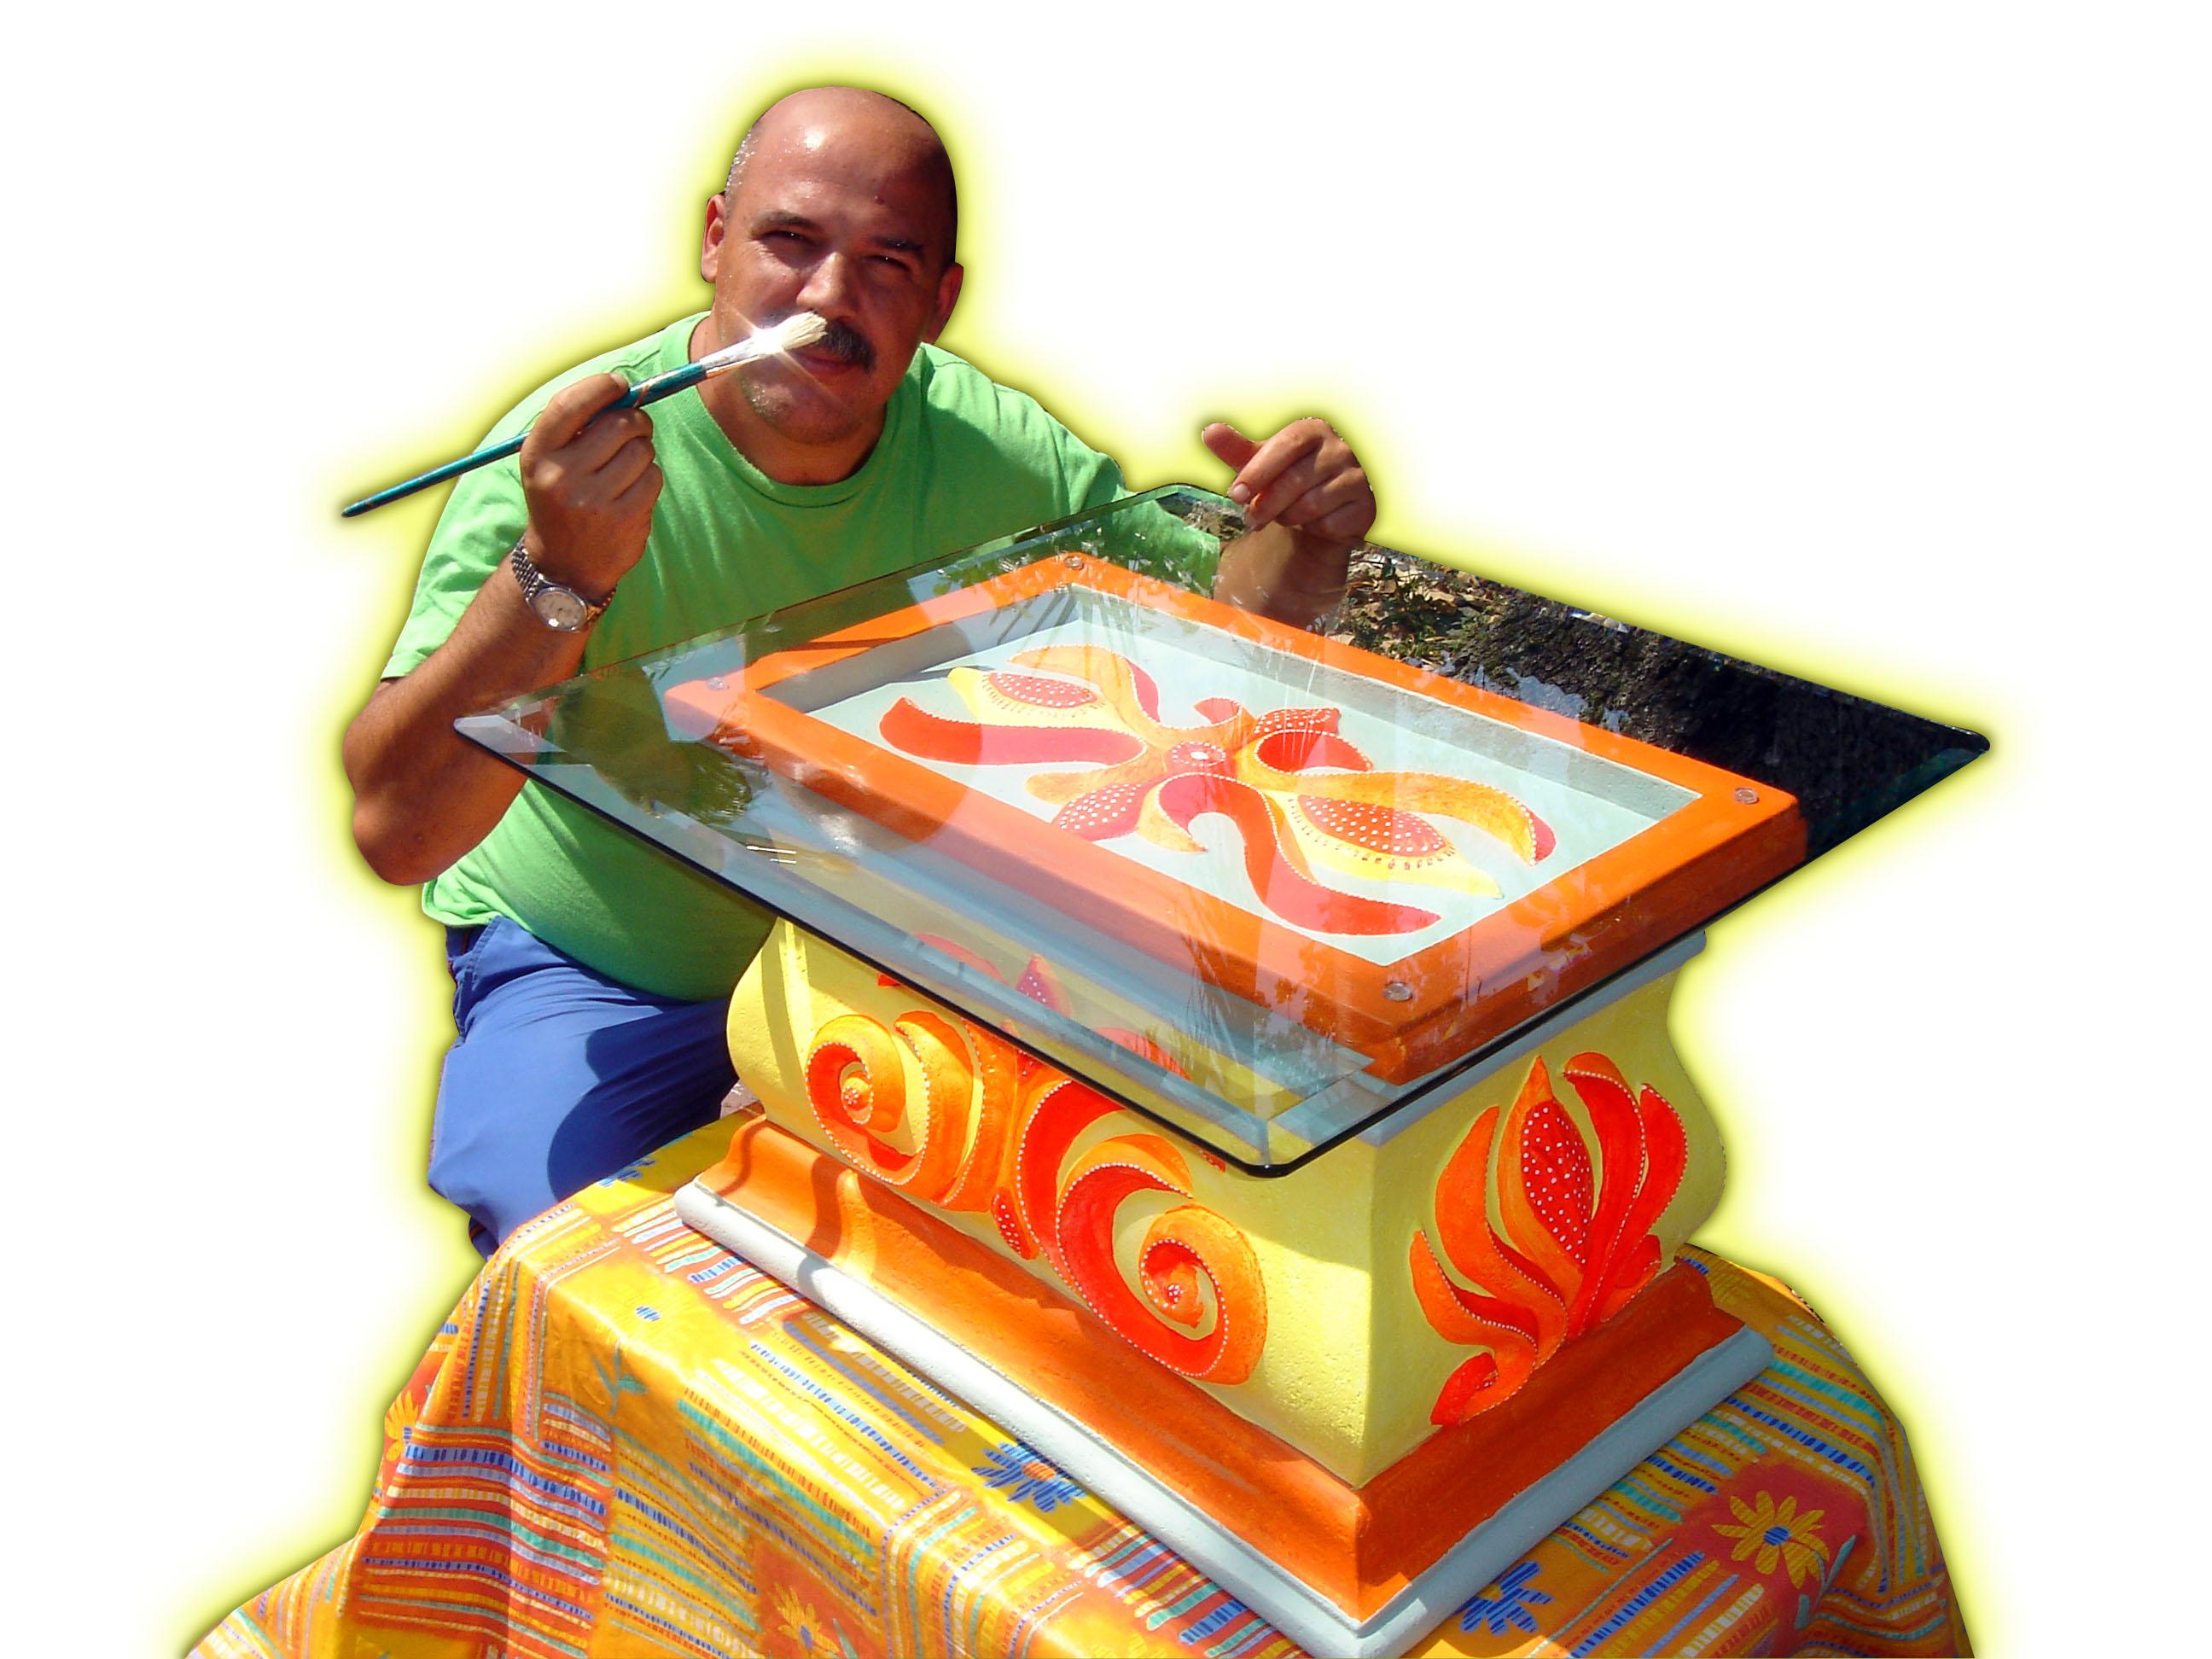 Gian Pietro Cazzago con sus ilustraciones infantiles, sus diseños y decorados ambientales, 2006